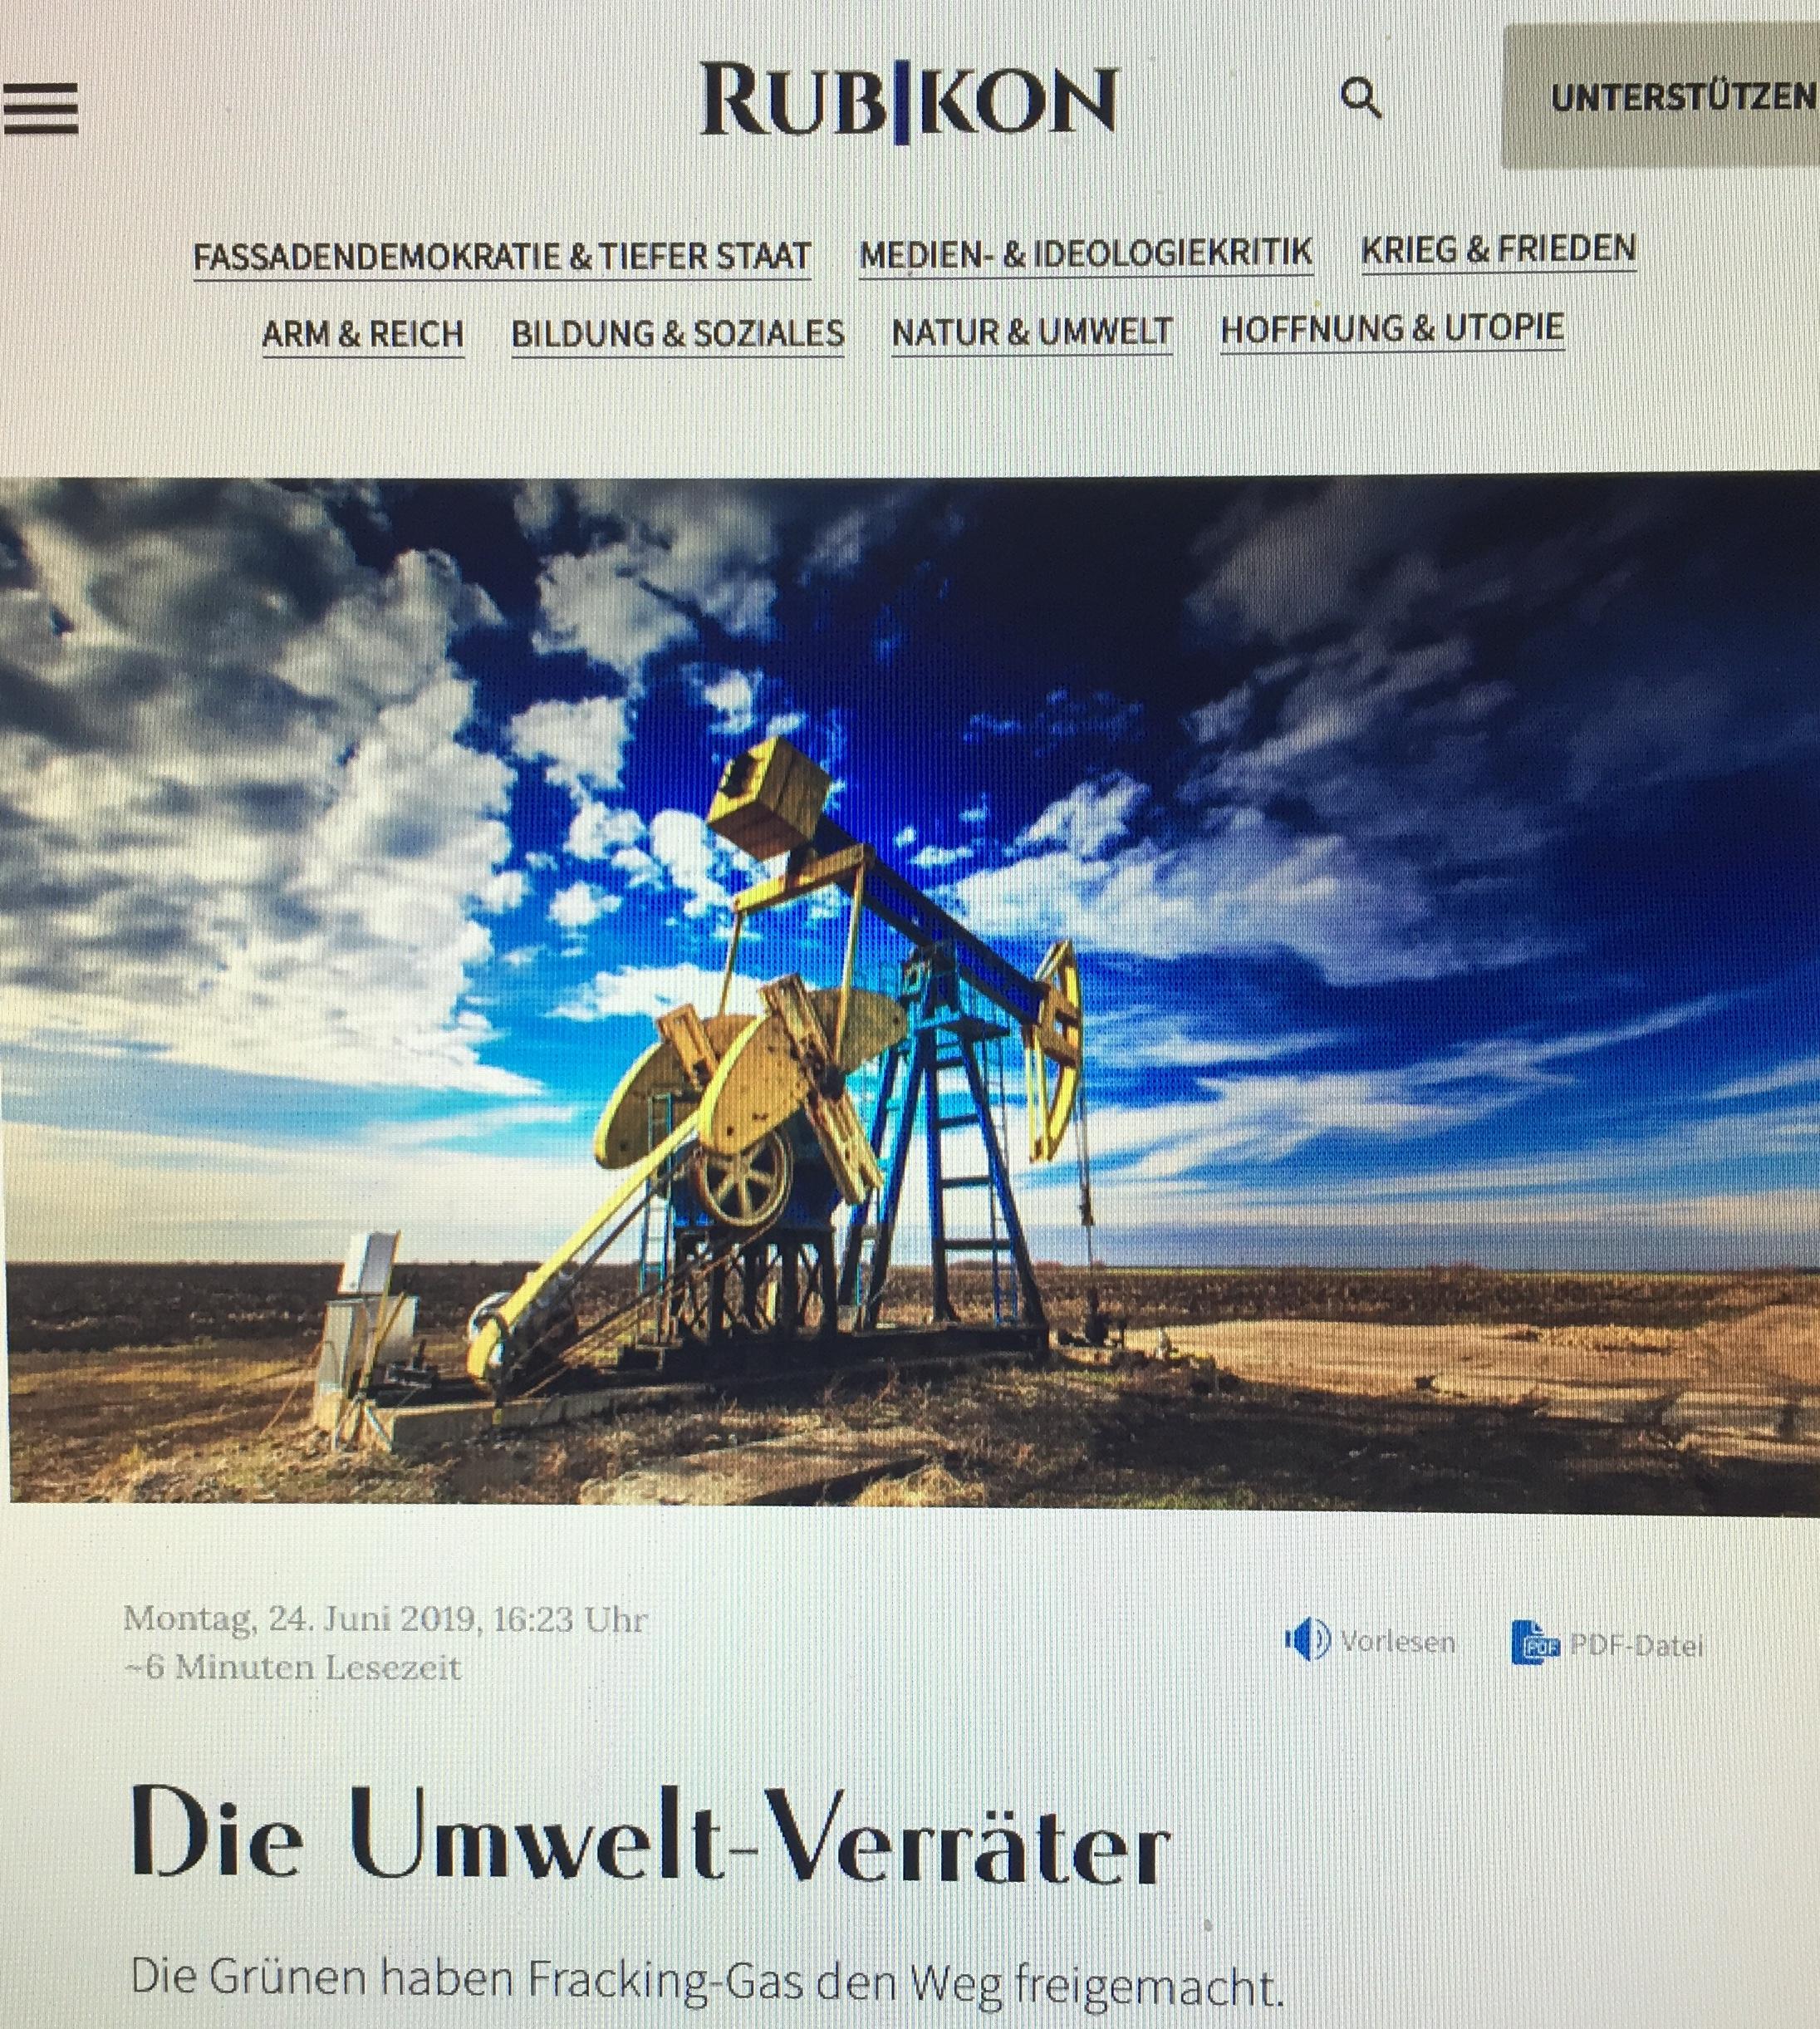 """""""Umwelt-Verräter - in Deutschland haben die Grünen dem Fracking-Gas den Weg freigemacht"""" von Jens Bernert www.rubikon.news; Verena Daum www.progression.at"""